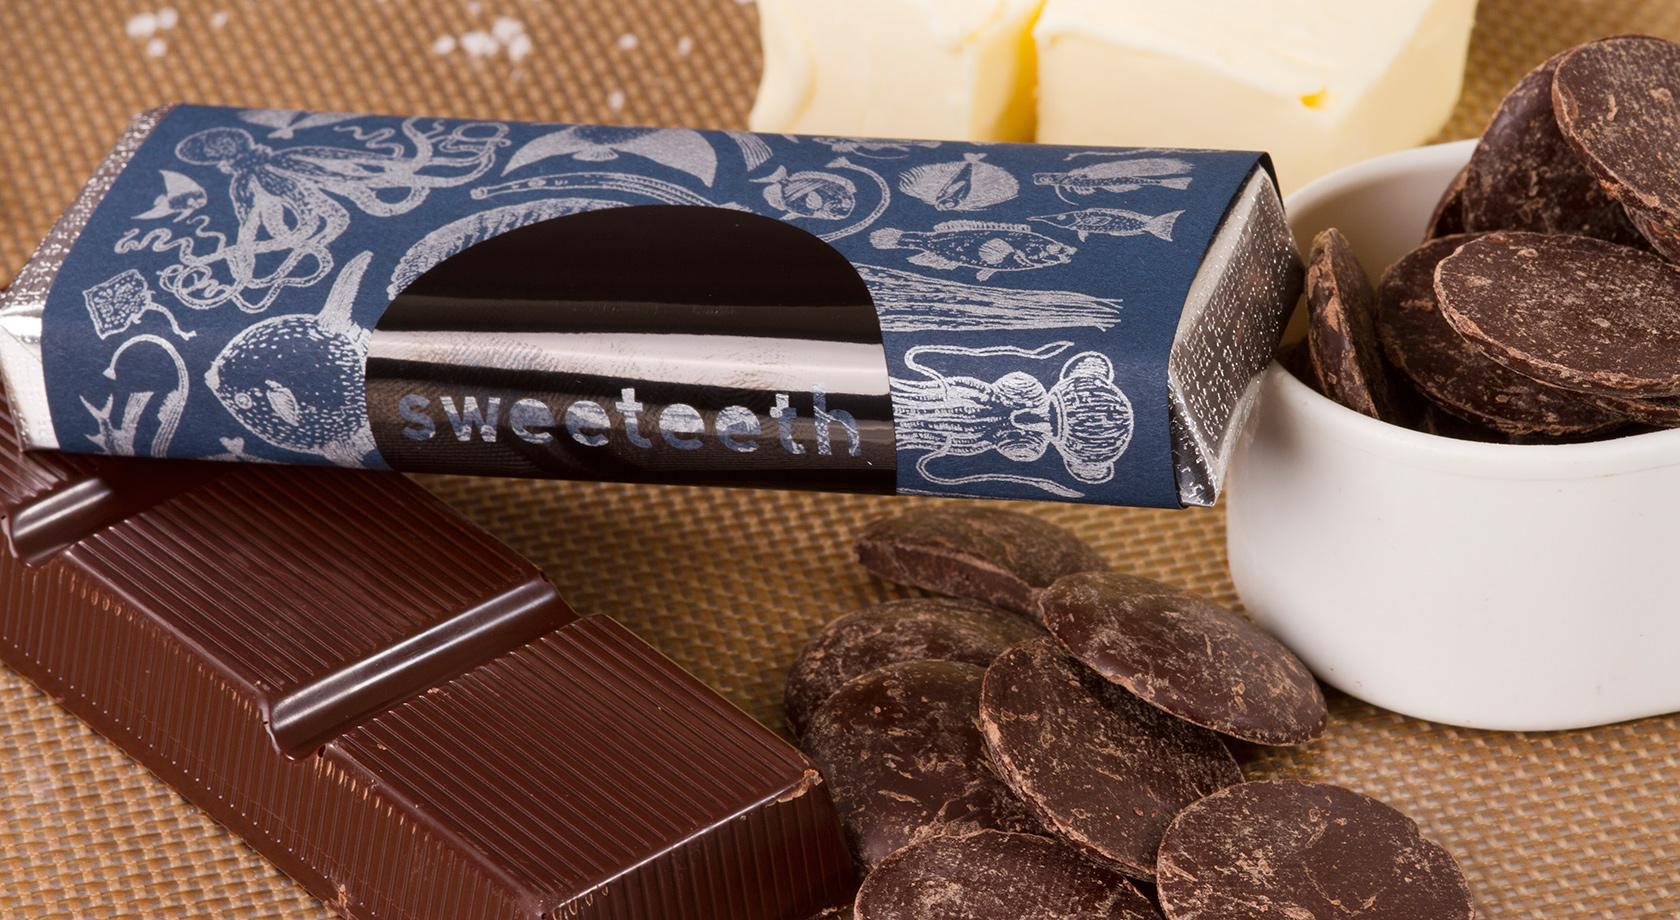 sweeteetslider.jpg